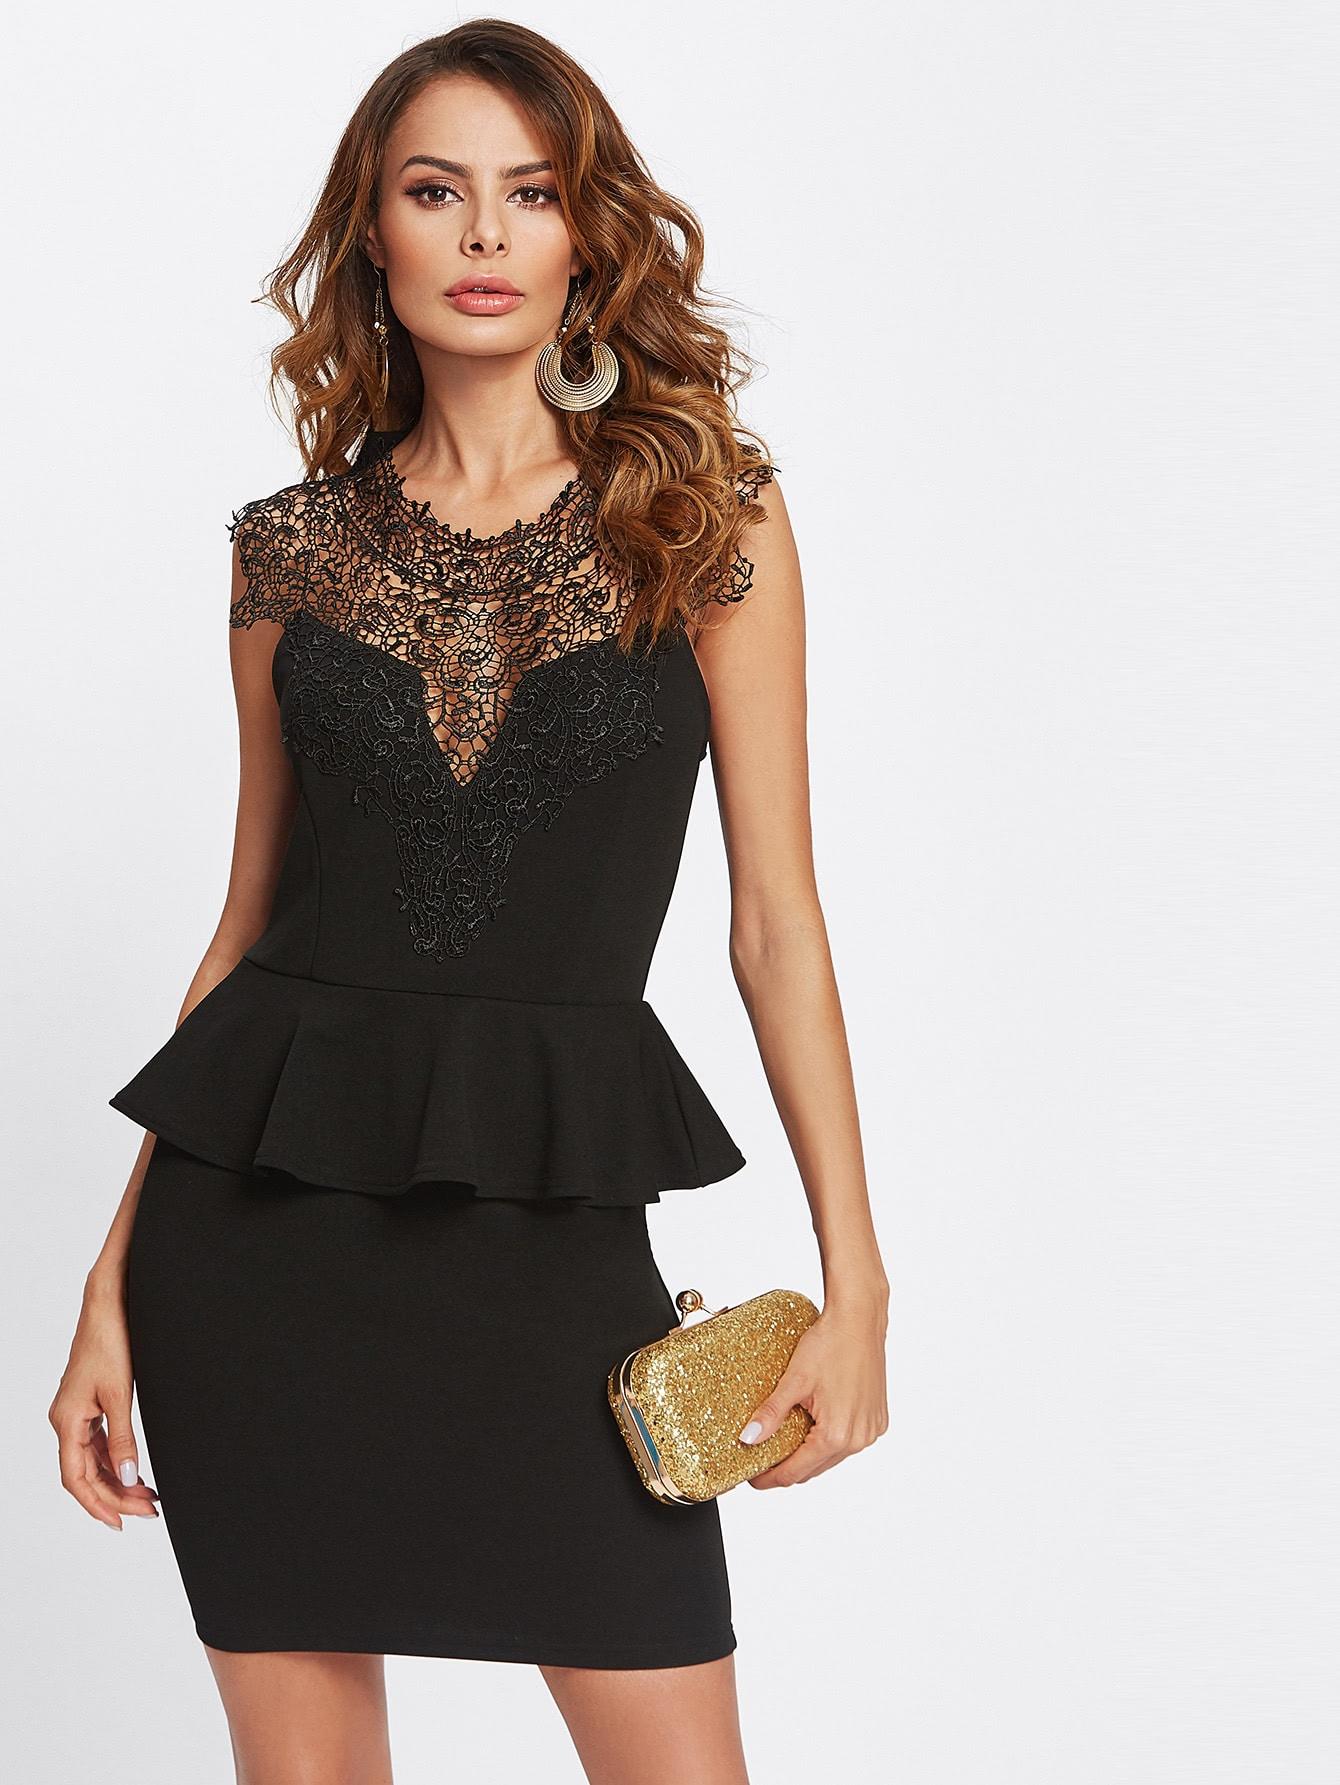 Lace Yoke Cut Out Back Combo Dress dress171102701